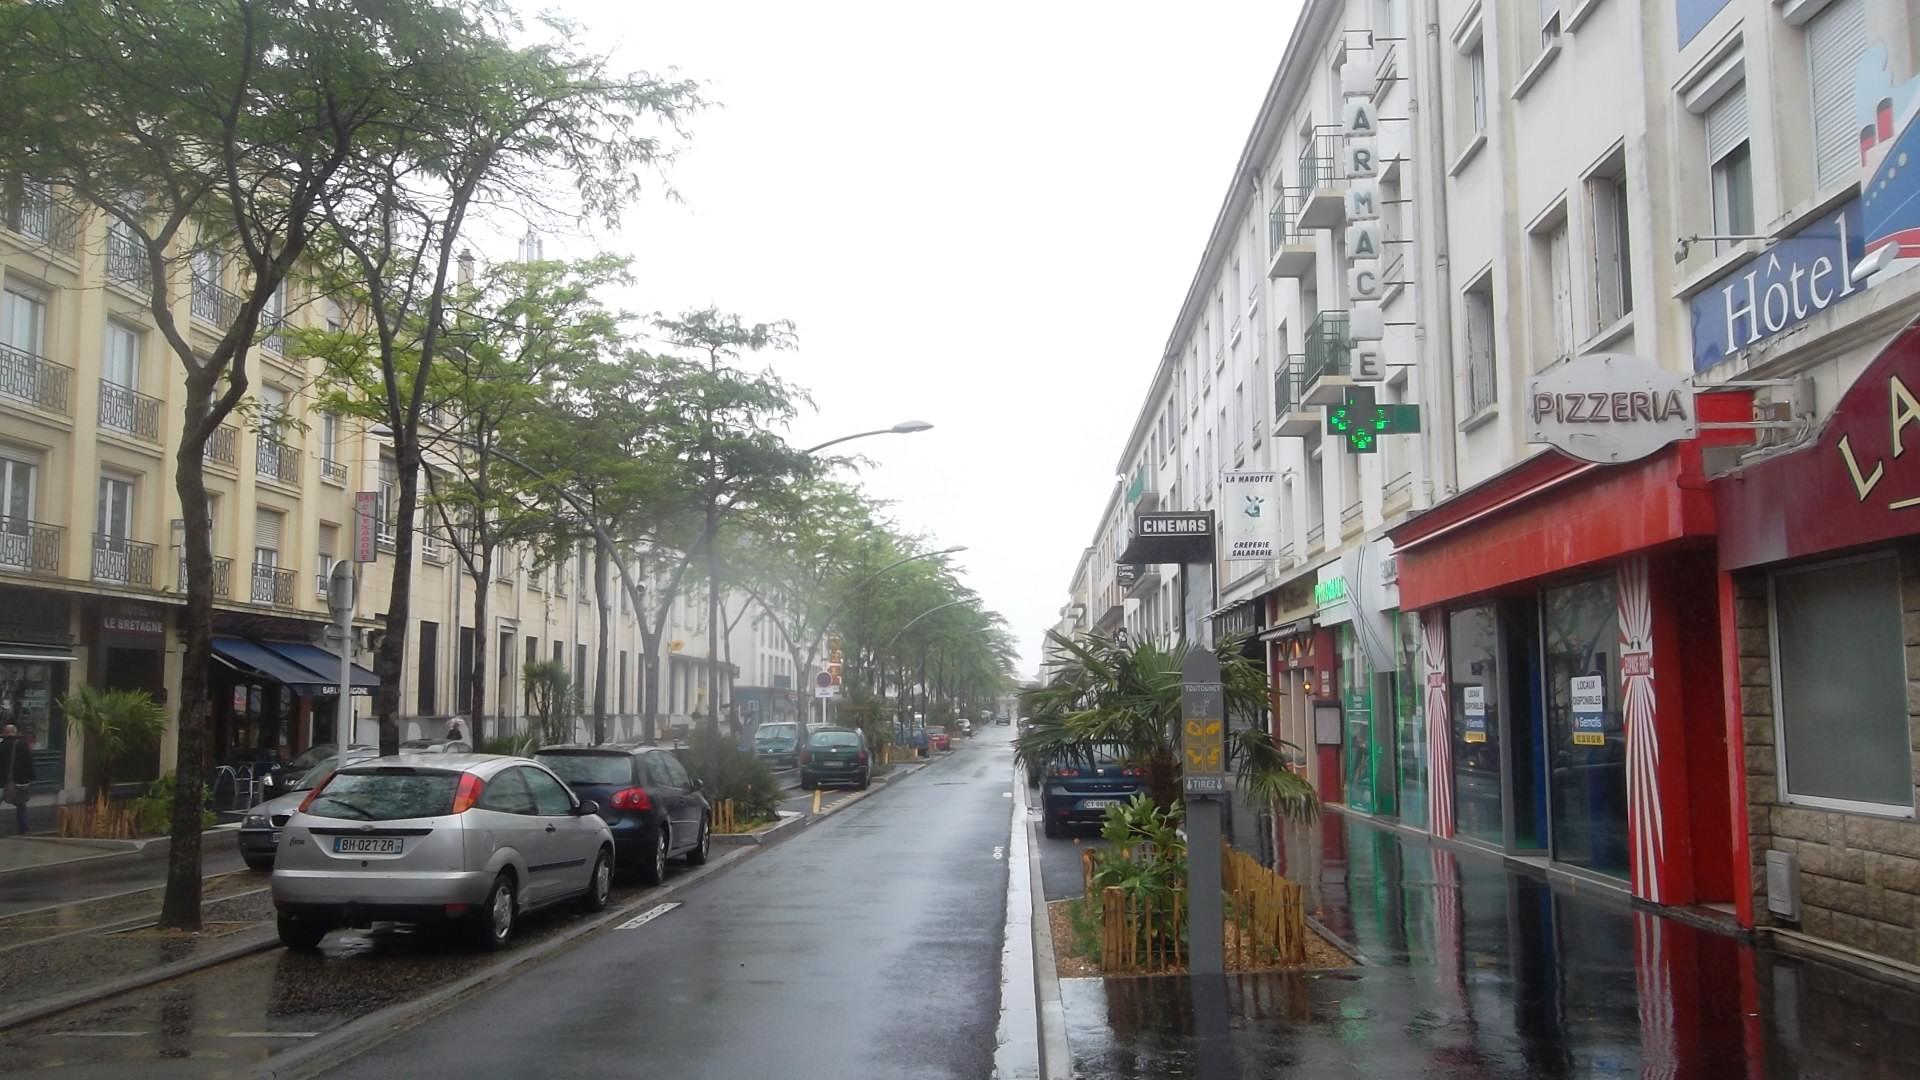 st-nazaire-ave-de-la-republique-to-hotel-de-ville-jun13